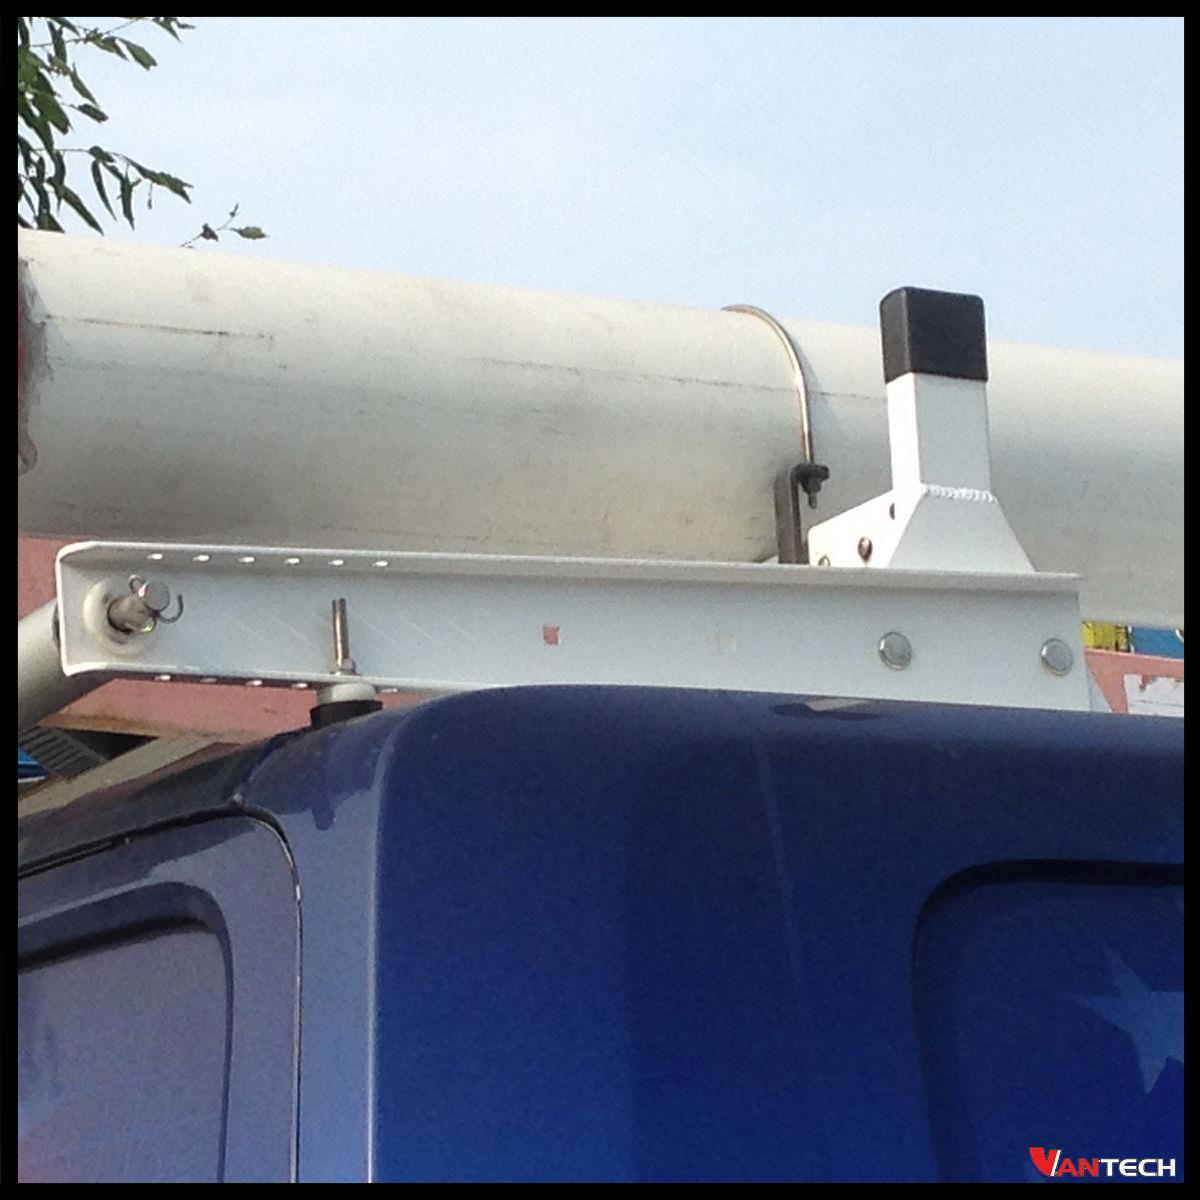 Vantech 3 Bar White Steel Ladder Roof Rack System W Roller